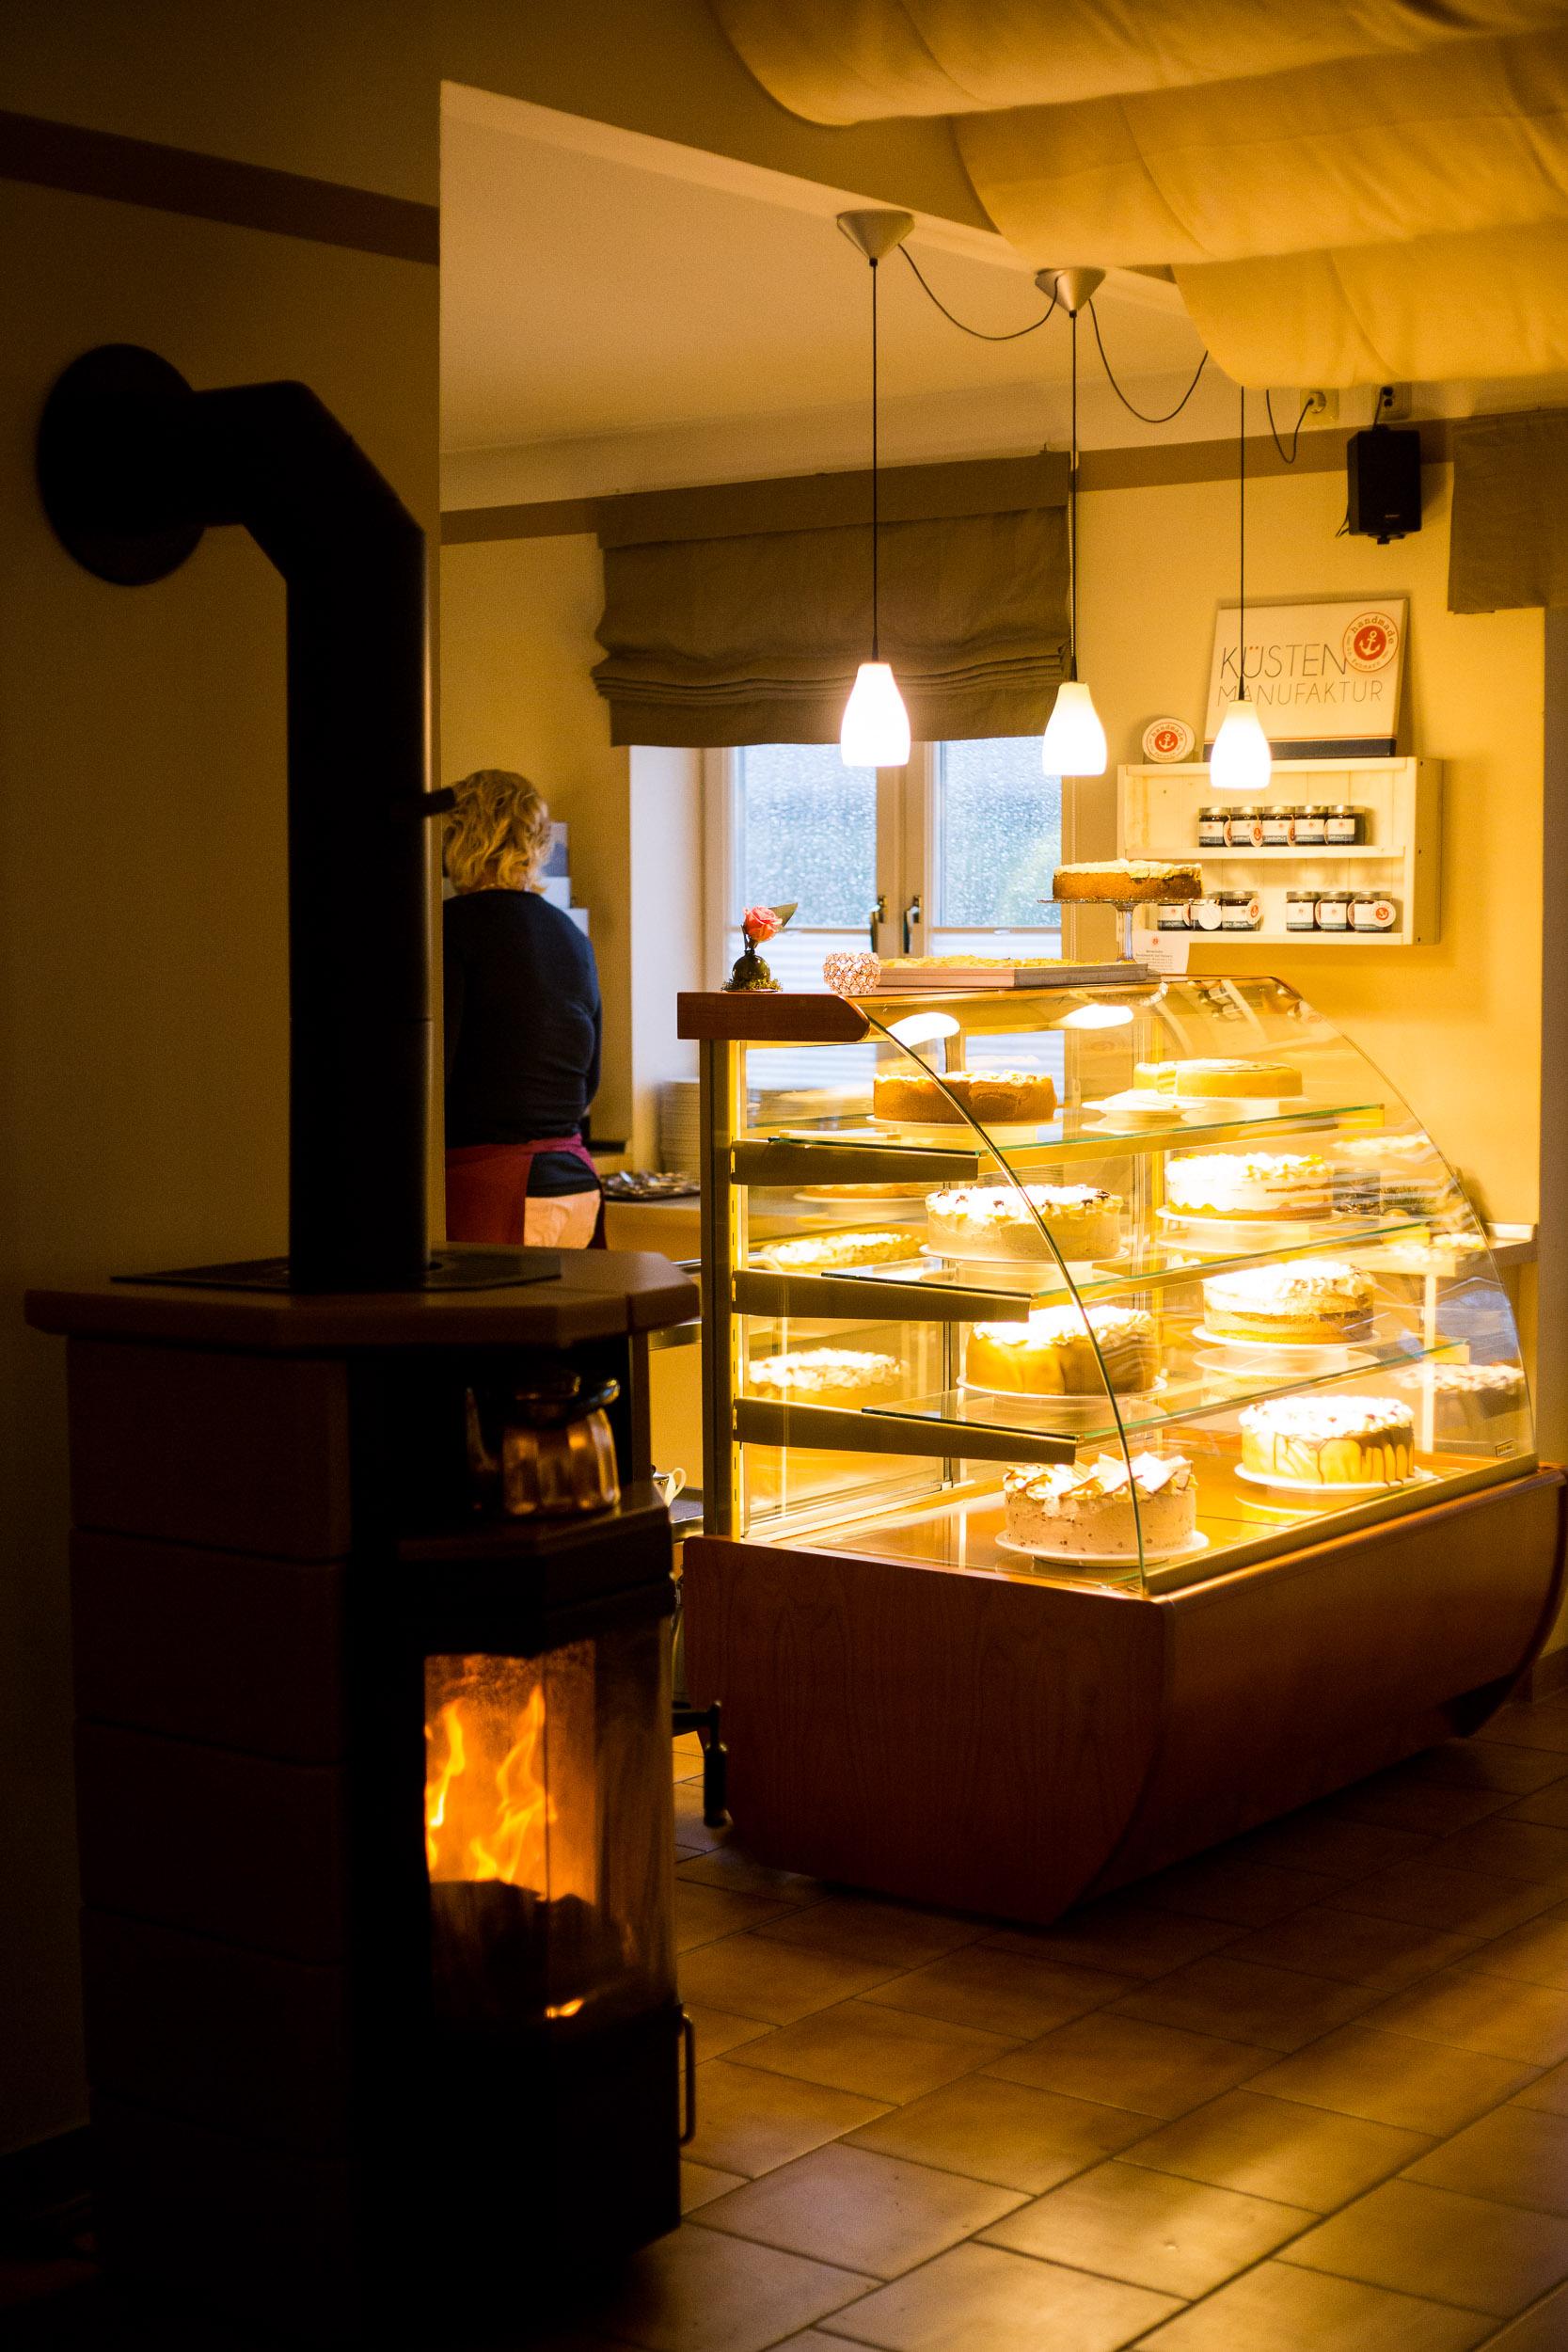 Café Fehmarn-9131.jpg